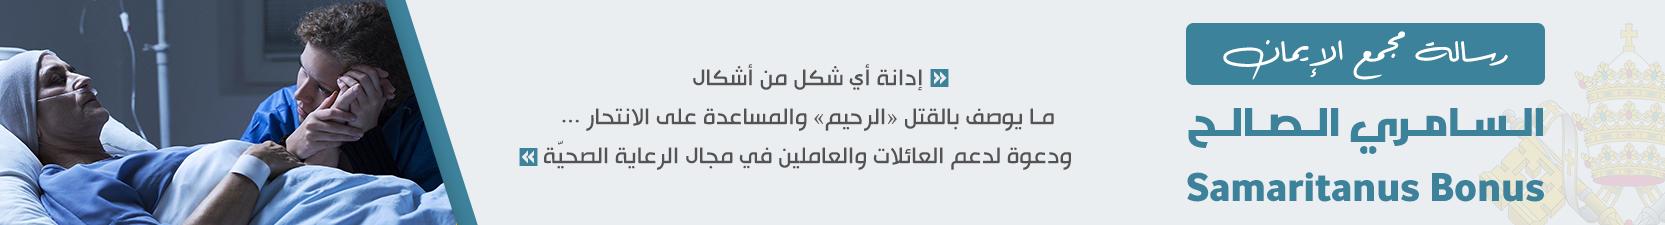 """مجمع الإيمان يصدر رسالة """"السامري الصالح"""""""